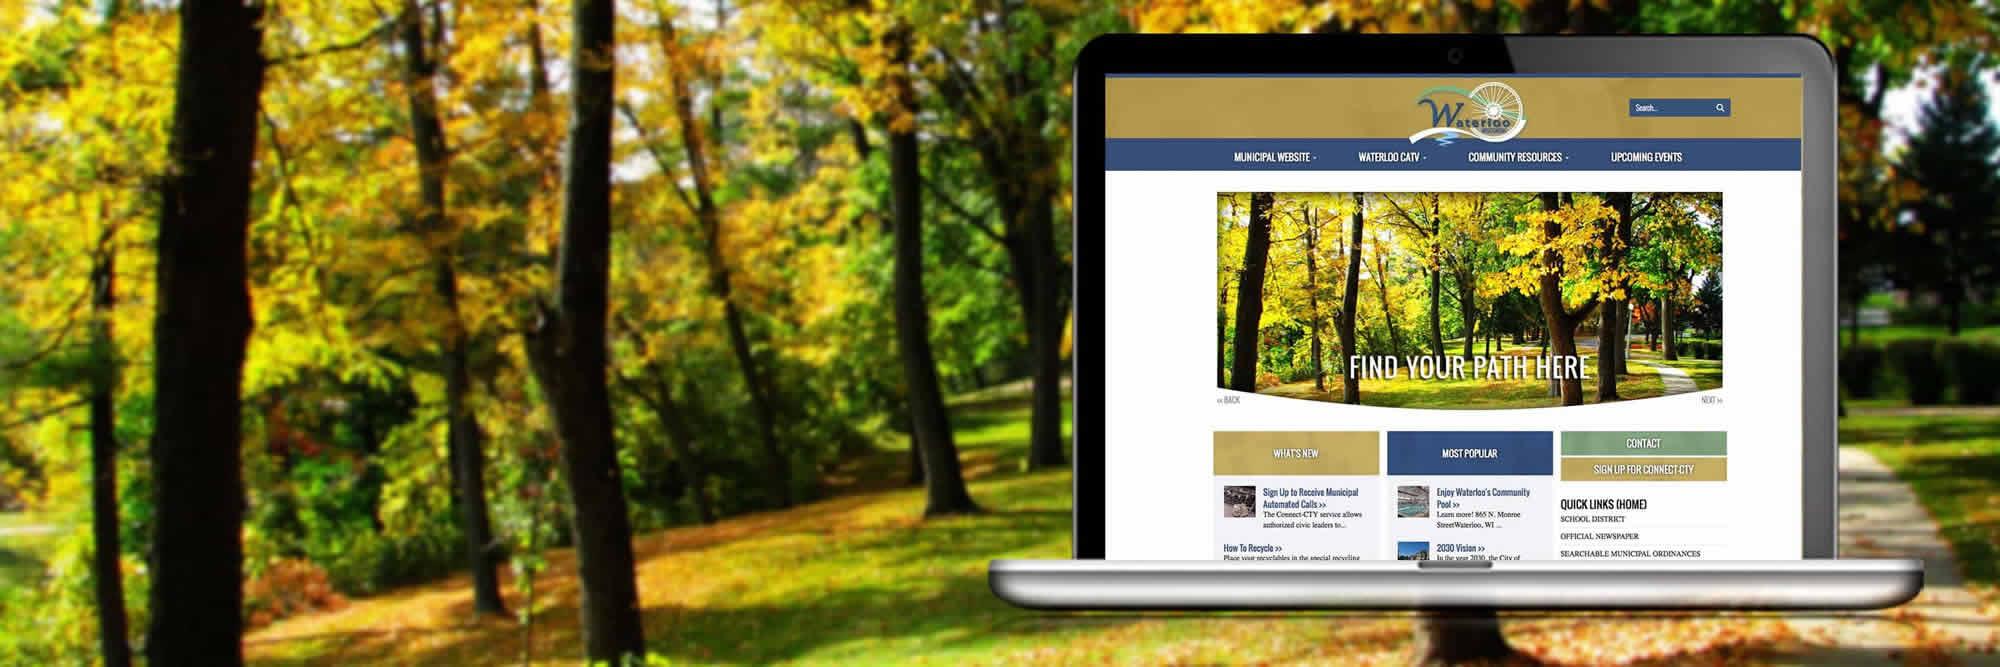 City of Waterloo Website Design